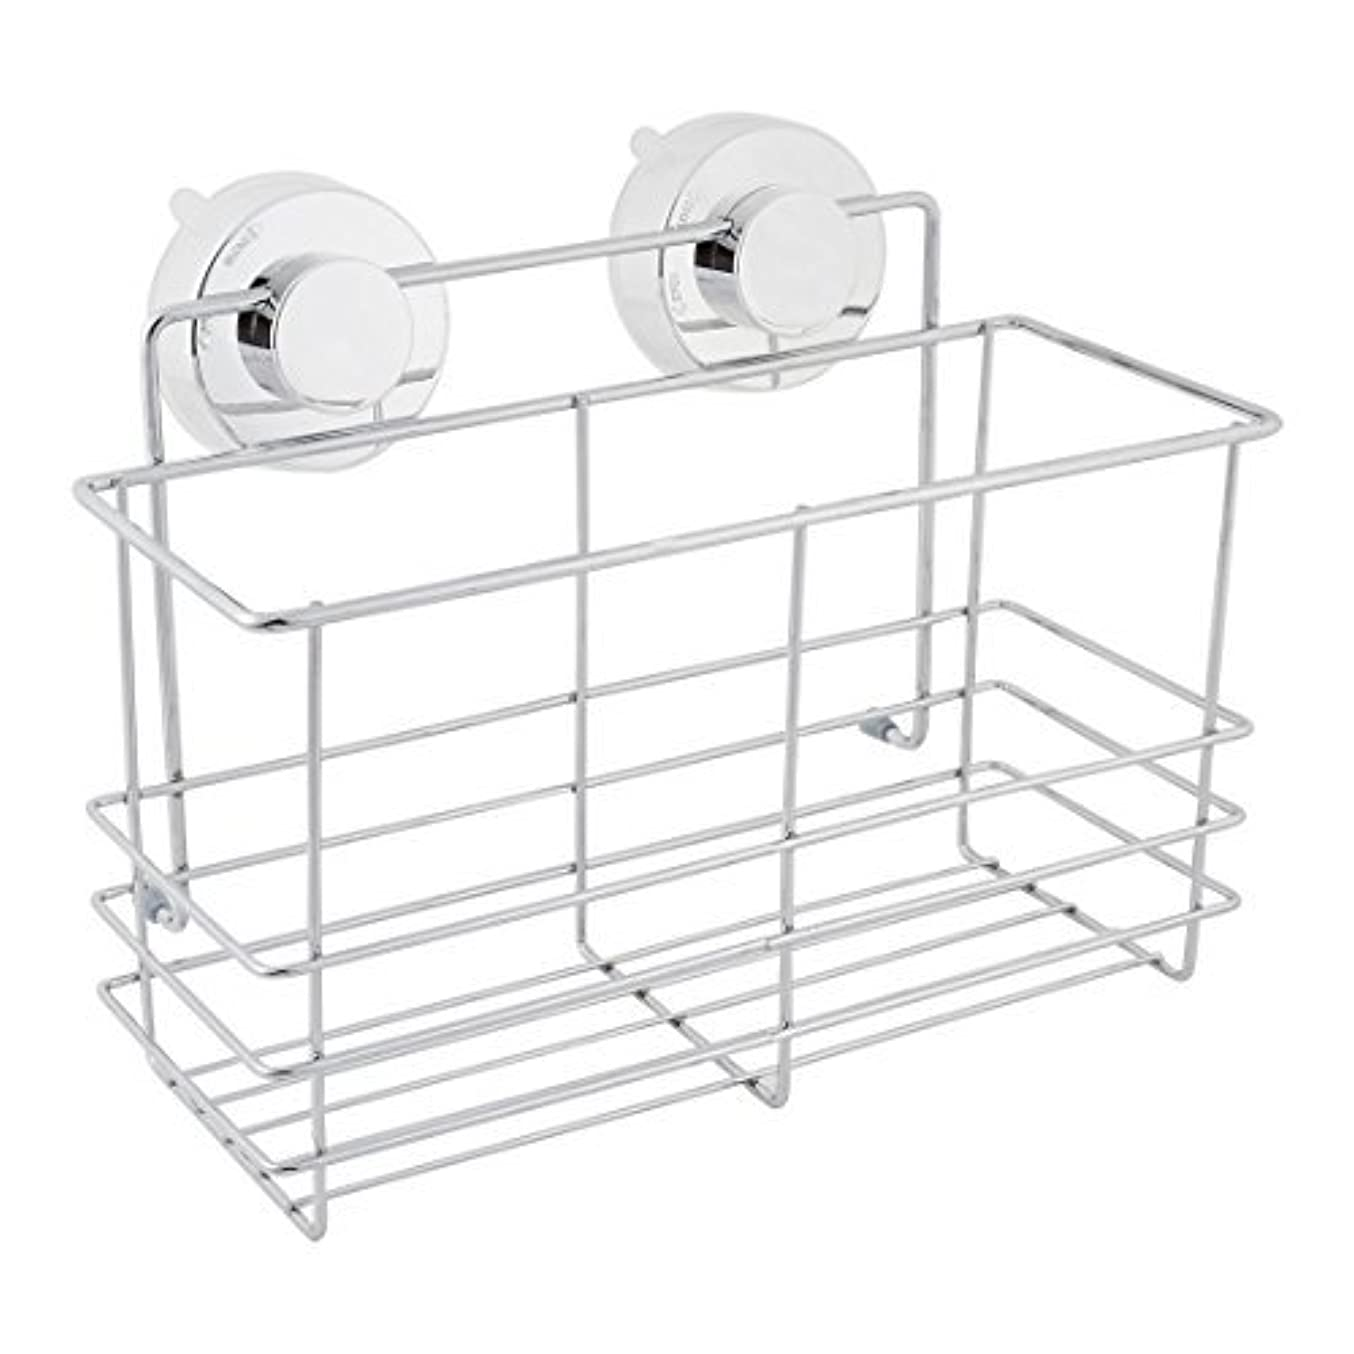 定義衝突カウンタDealMux浴室スペースセーバーサクションカップのストレージシェルフホルダーラックオーガナイザー